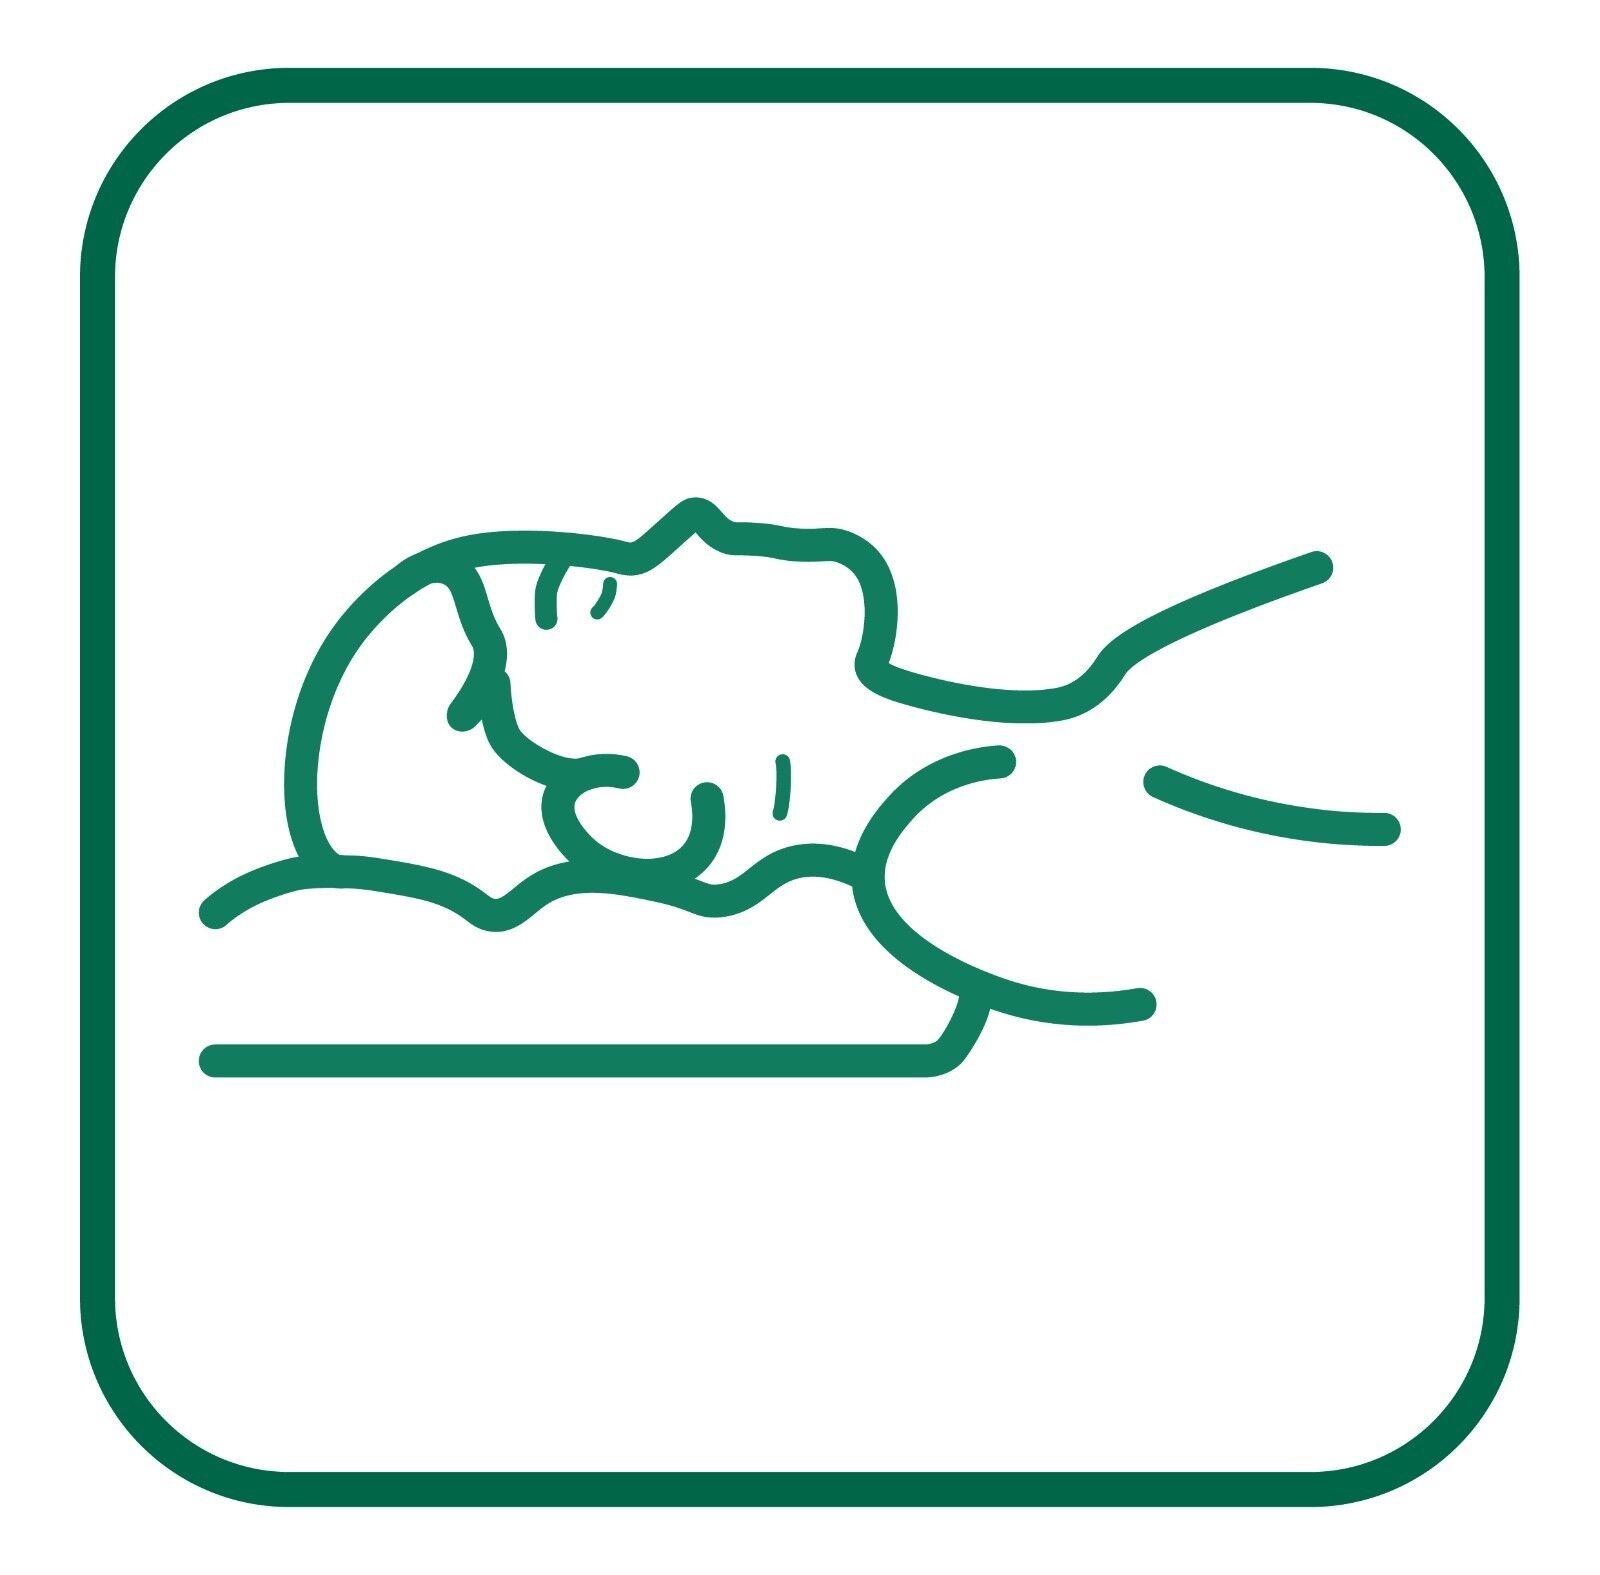 Coppia Cuscini Guanciali EcoGrün in Memory Foam Foam Foam Ecologico - Altezza 12 cm fba67b